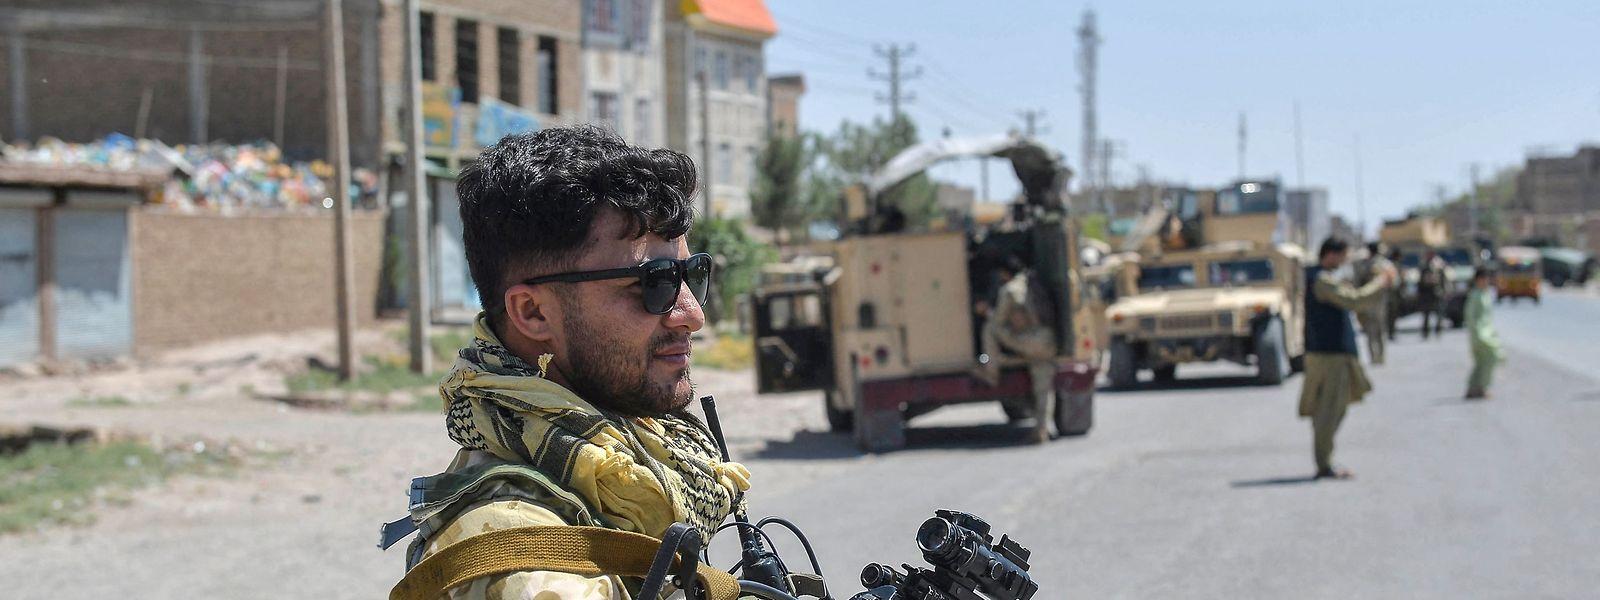 Ein Soldat der regulären afghanischen Armee während seines Einsatzes.